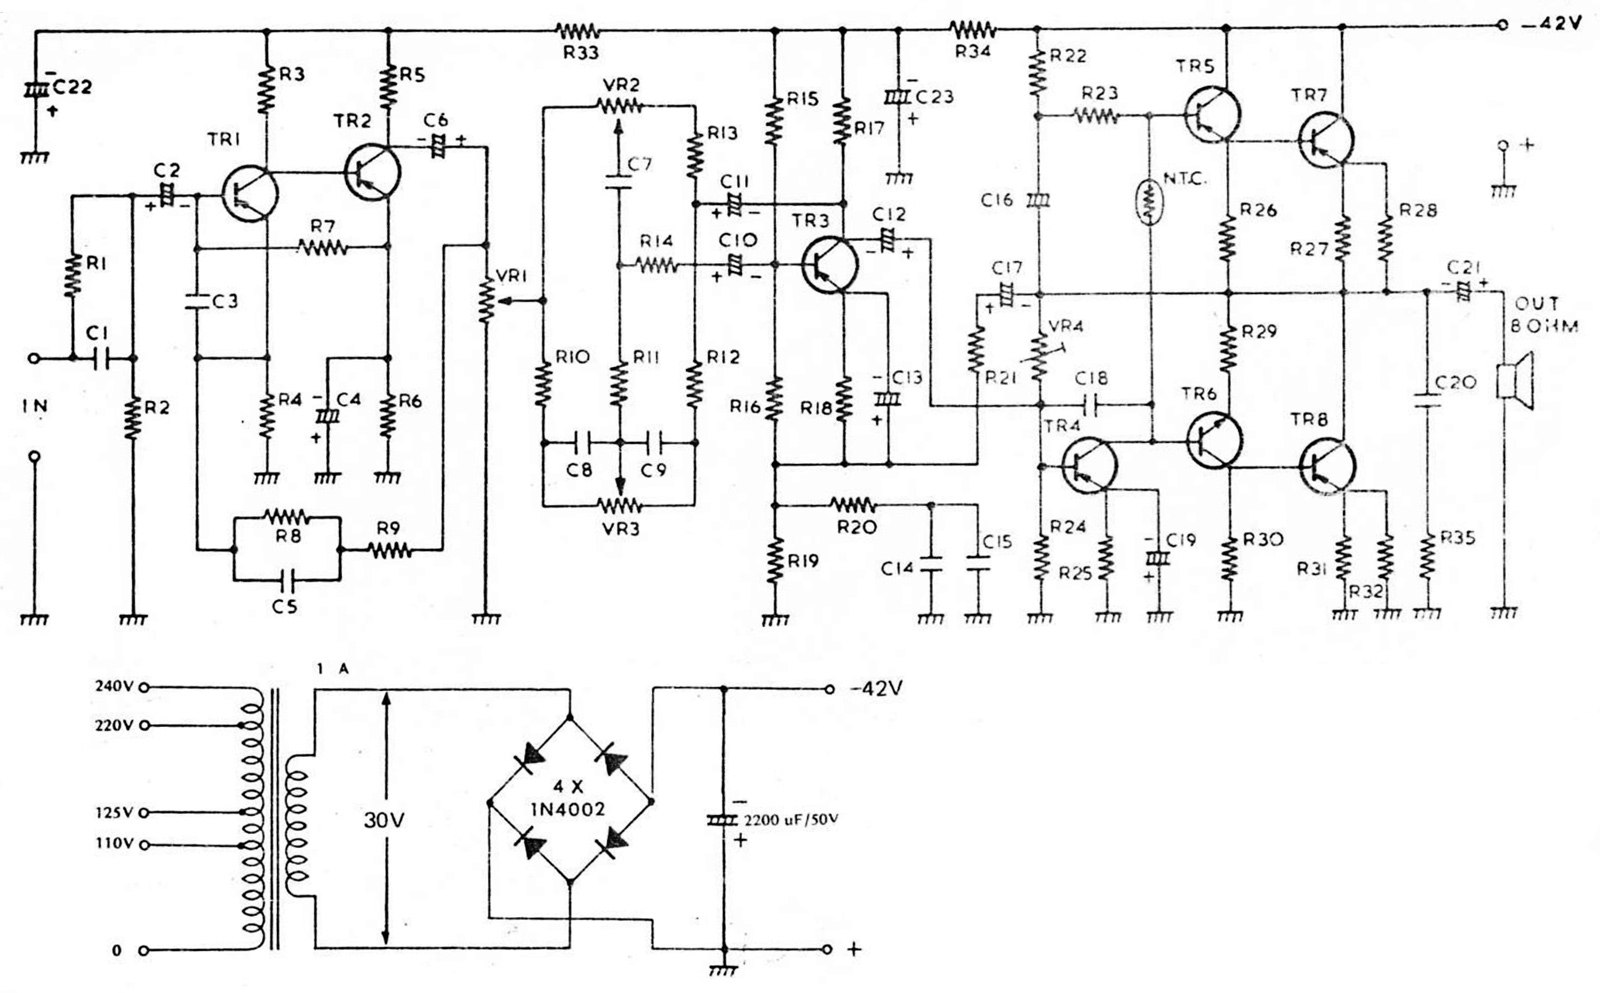 rangkaian amplifier OTL 10 Watt Hi-Fi